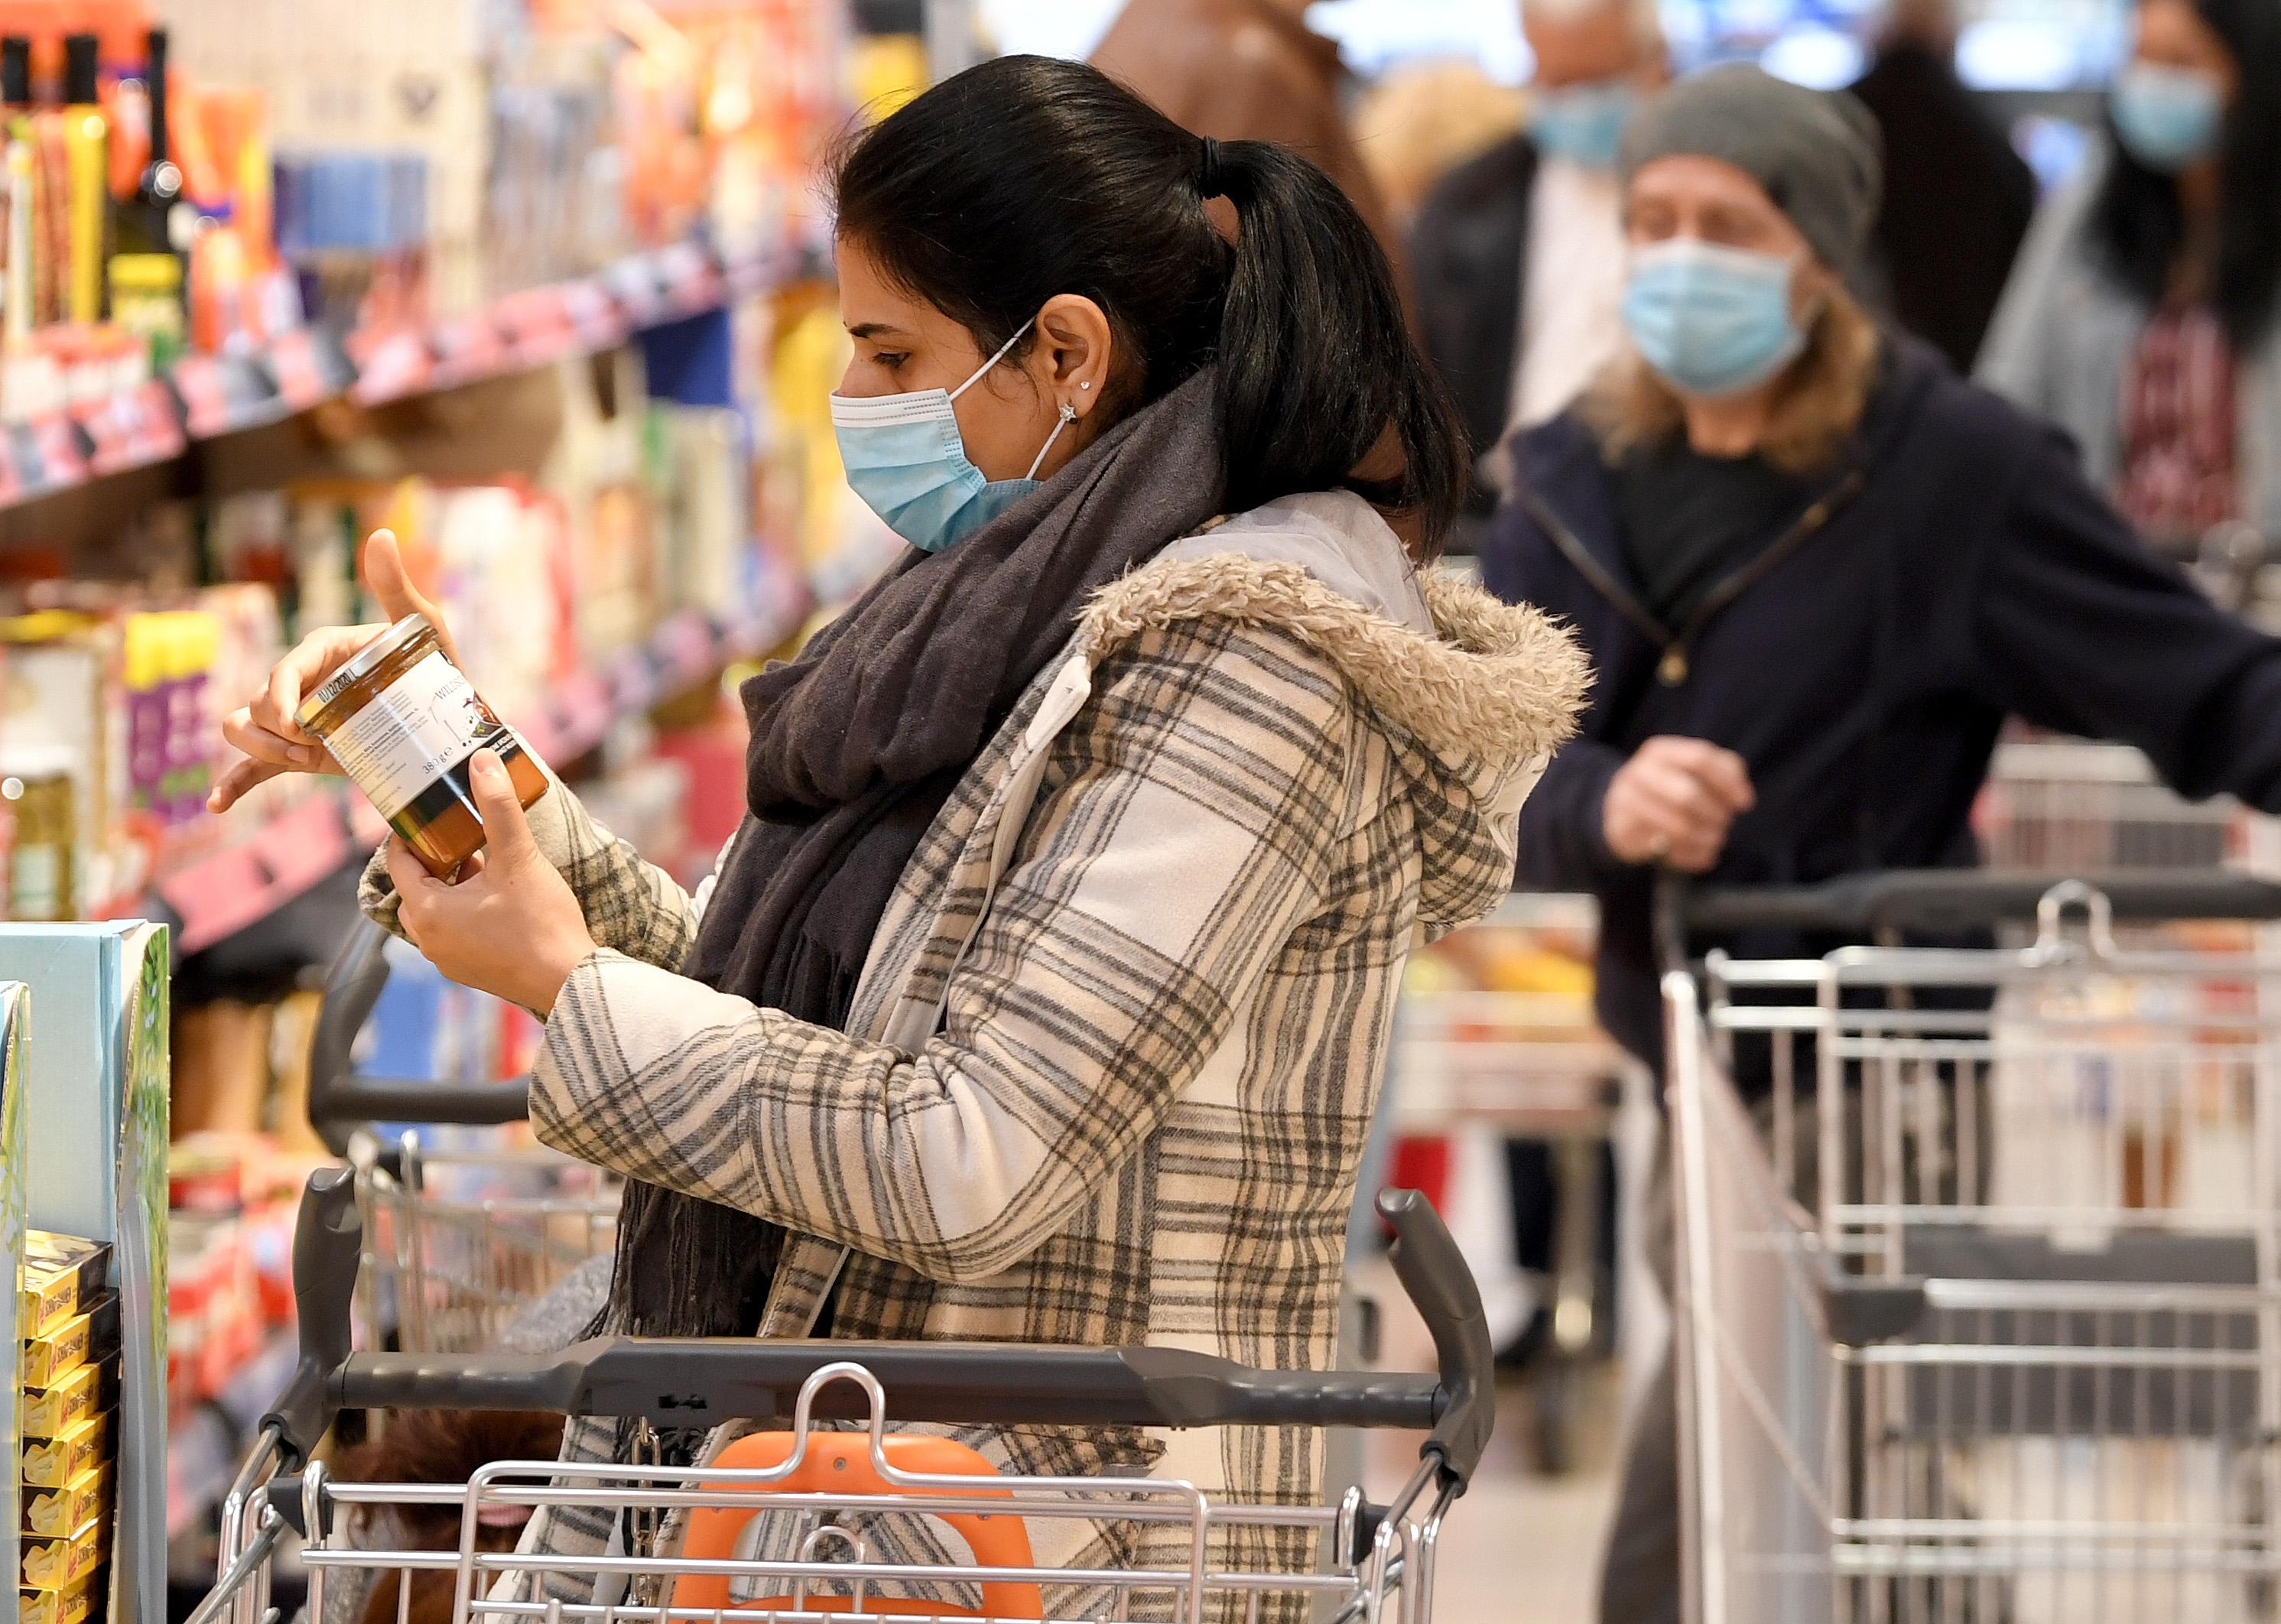 Tòa Bạch Ốc khuyến cáo người dân Hoa Kỳ không nên rời khỏi nhà – thậm chí là để mua nhu yếu phẩm